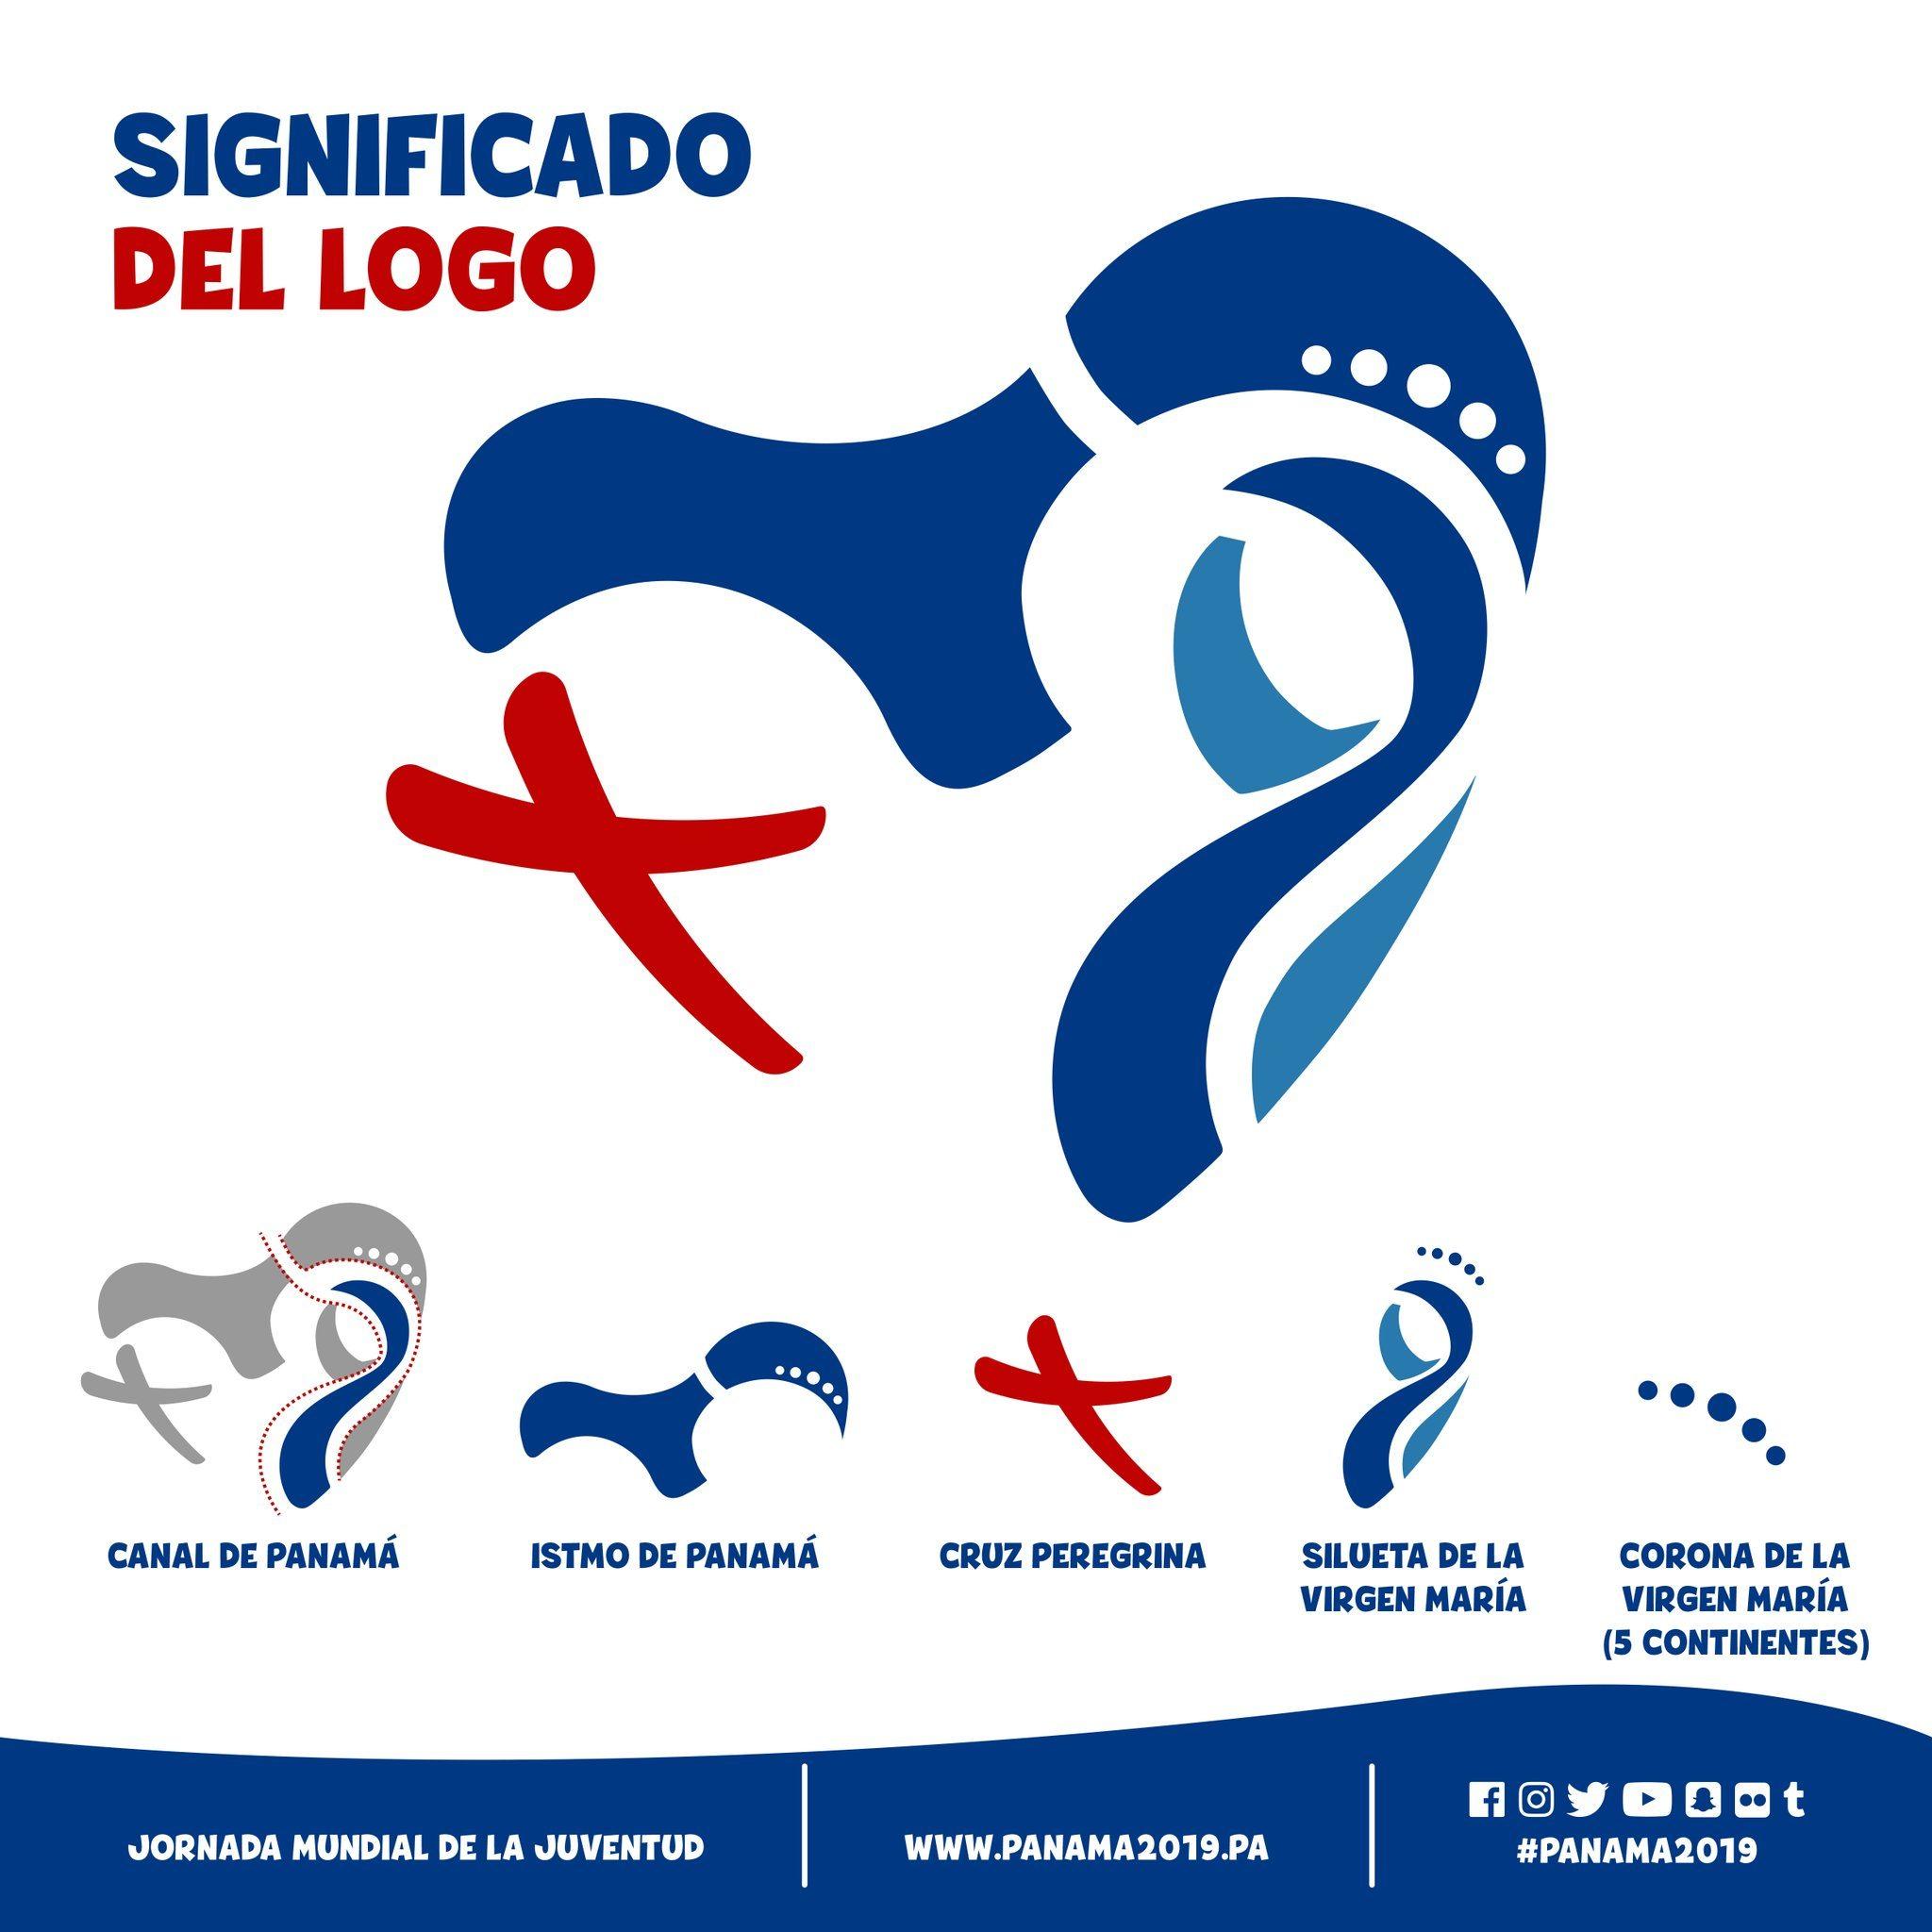 María como protagonista del logo de la Jornada Mundial de la Juventud 2019